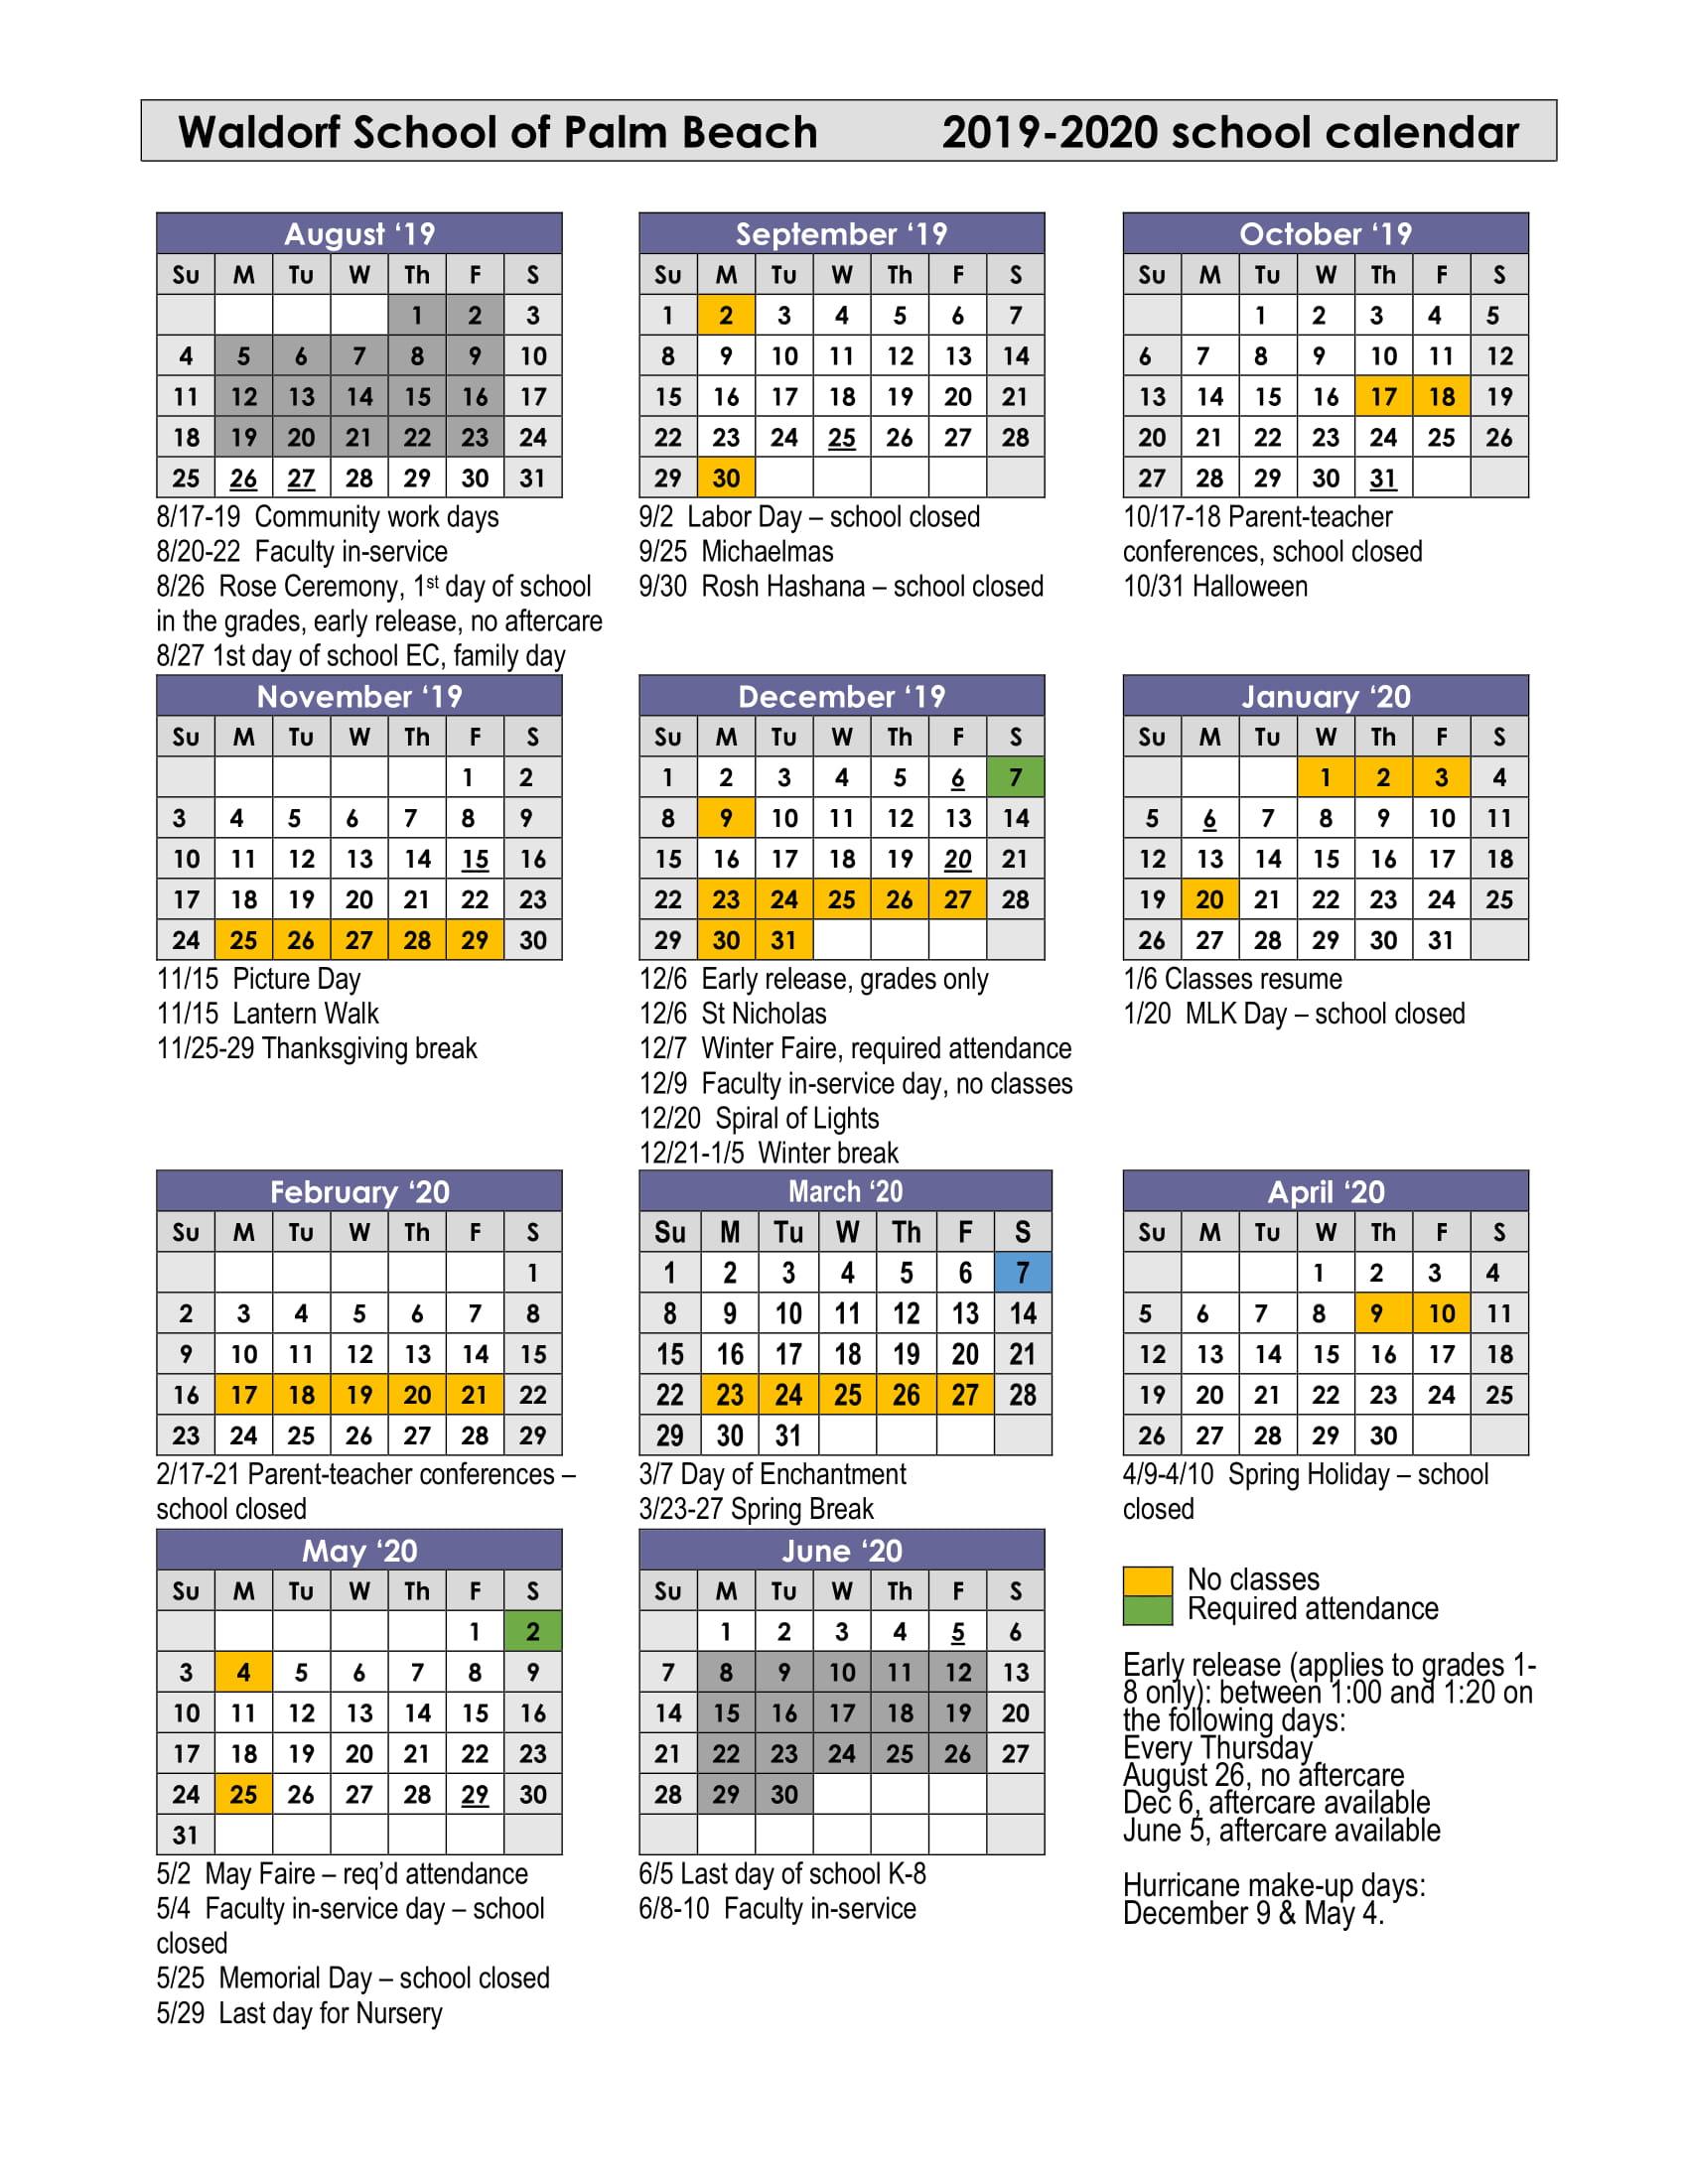 WSPB calendar 2019-2020 4-26-2019 (2)-1.jpg